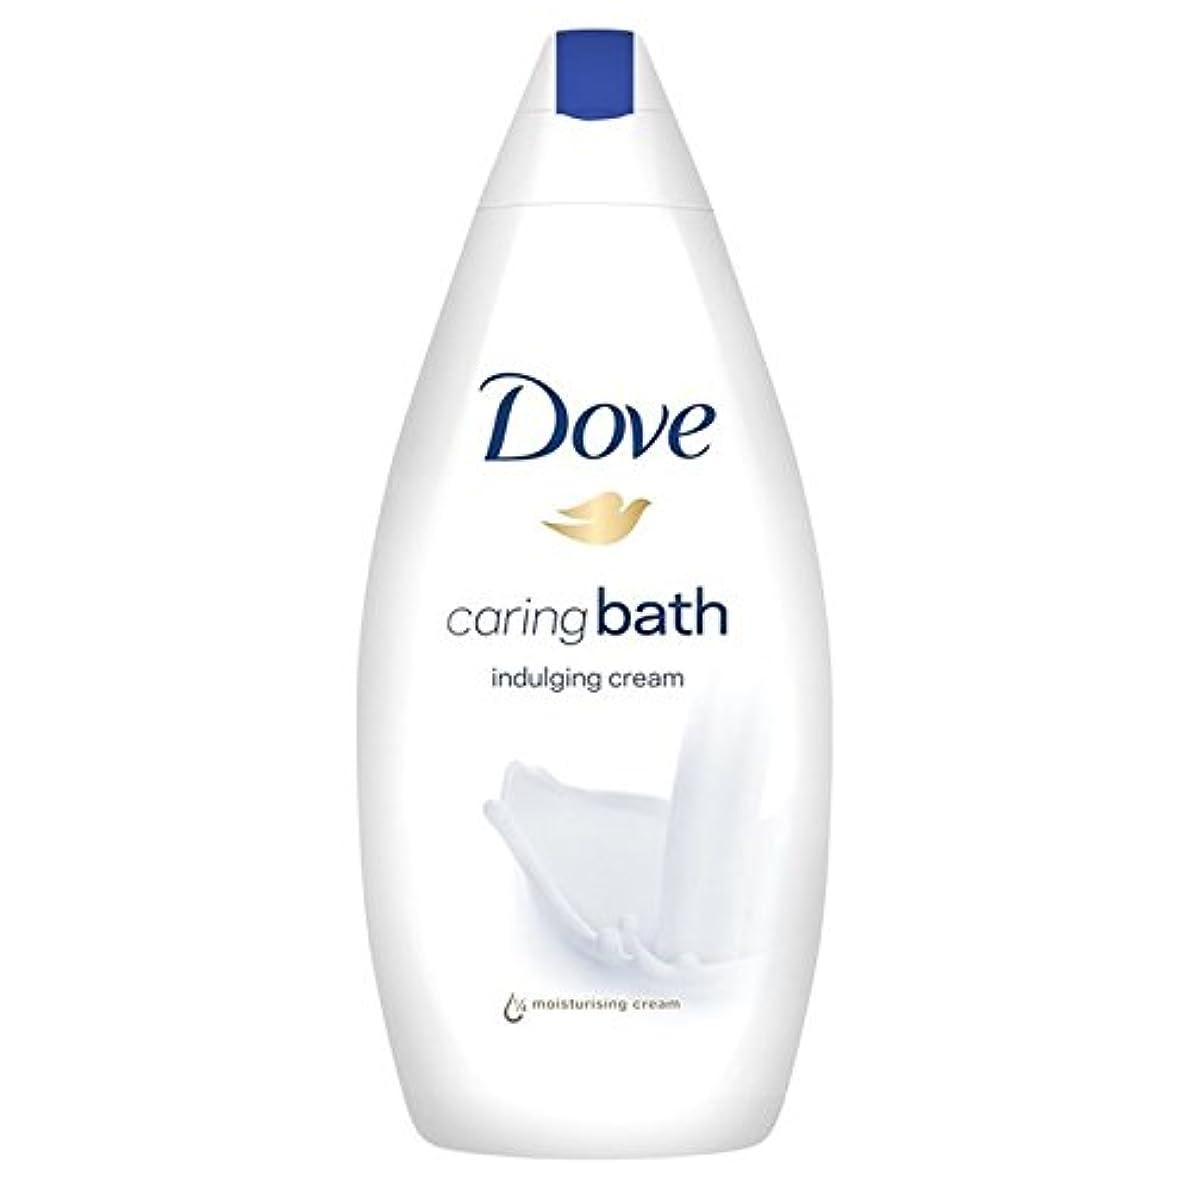 接続されたレスリング沿ってDove Indulging Caring Bath 500ml - 思いやりのバス500ミリリットルをふける鳩 [並行輸入品]